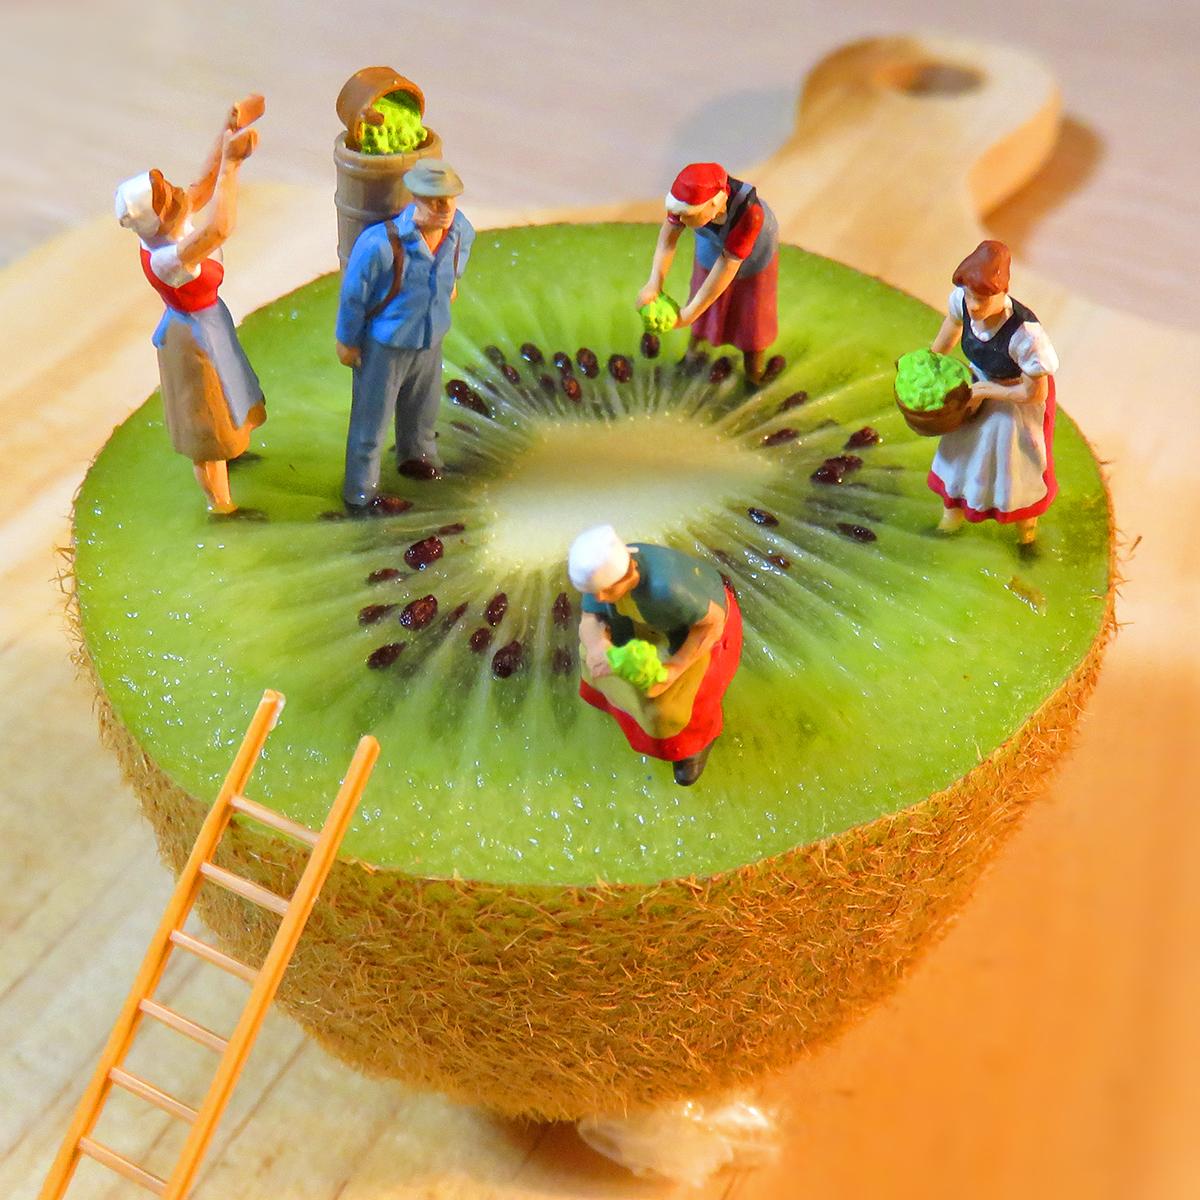 9月1日はキウイの日!巨大キウイを収穫するフルーツ農家